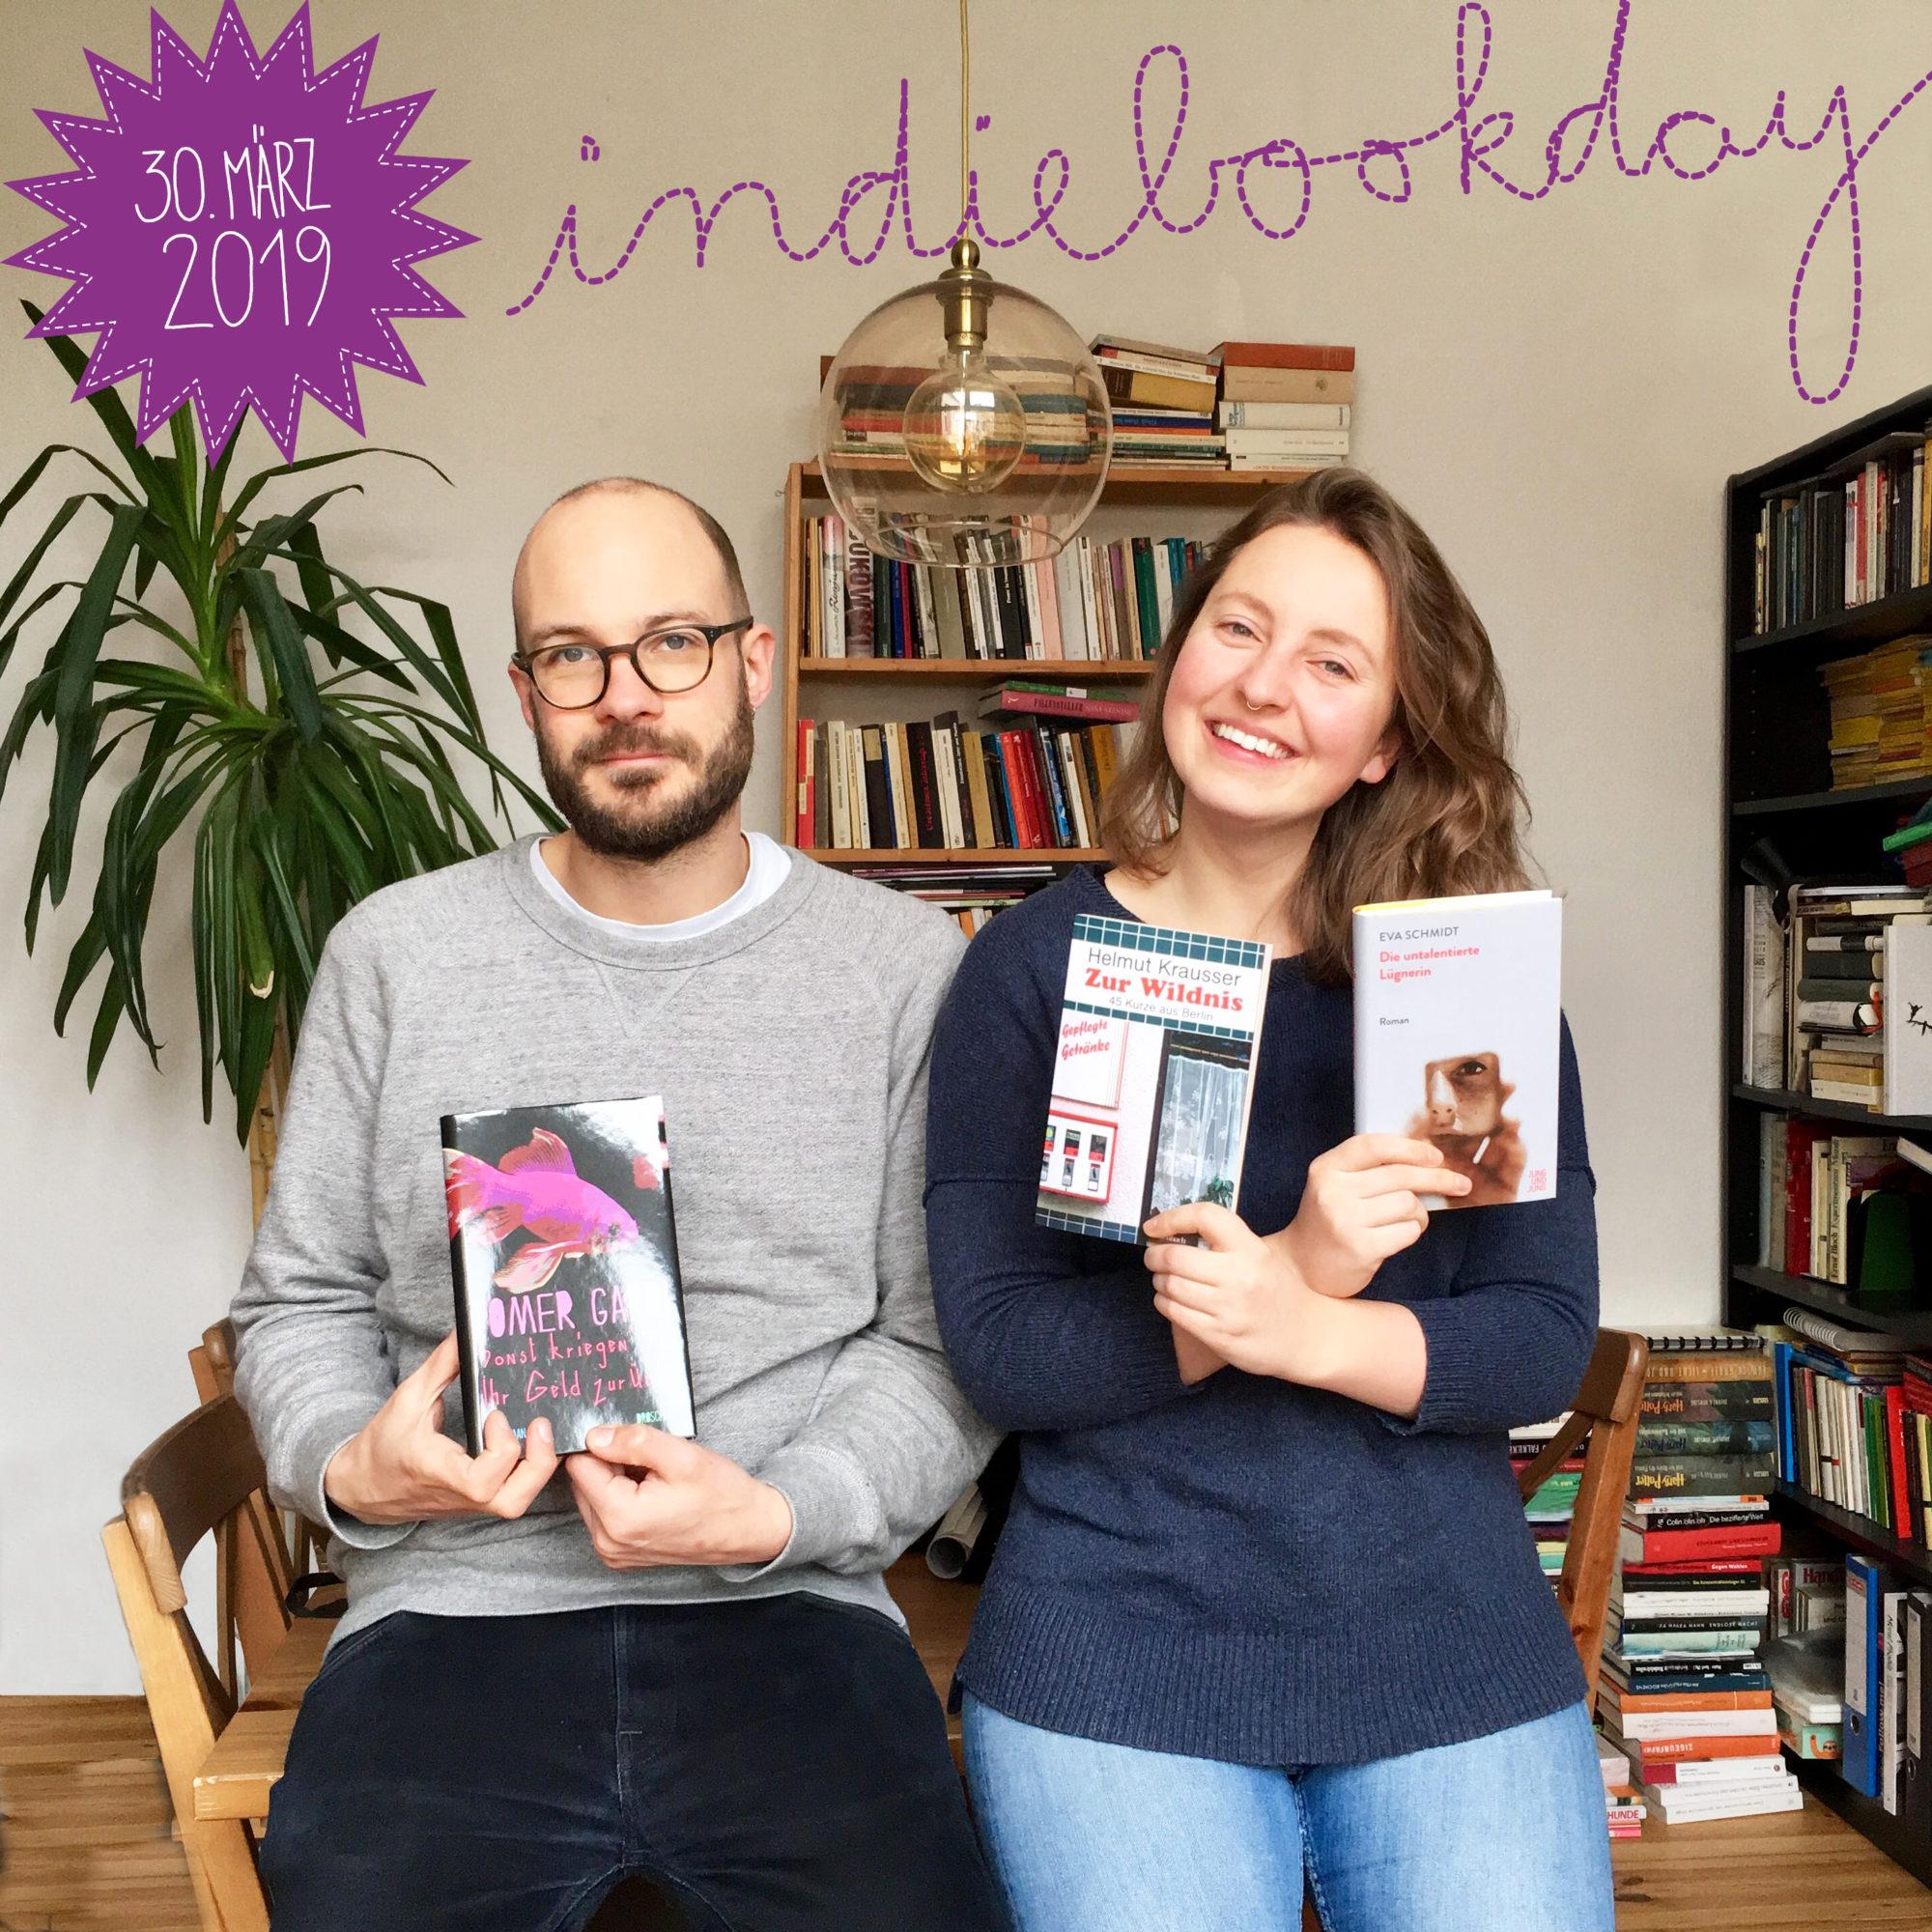 indiebookday 2019